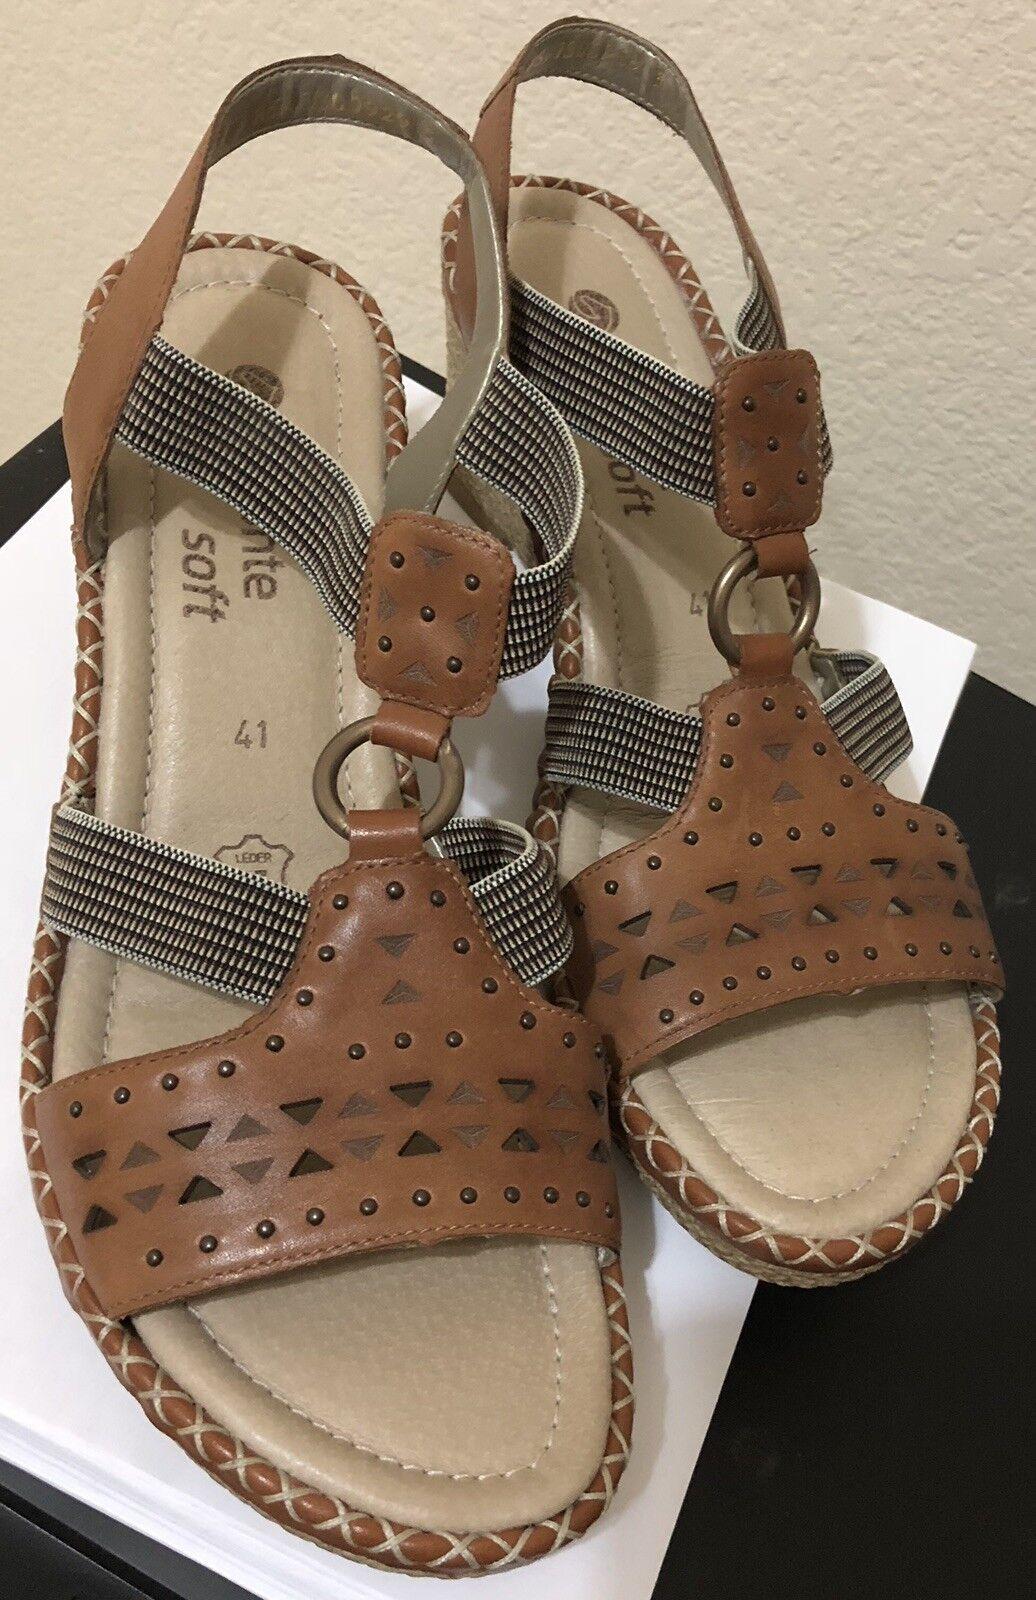 Remonte Remonte Remonte Mujer Zapatos Ursula Riek Marrón Cuero Sandalias Talla 9.5 (EUR 41)  exclusivo